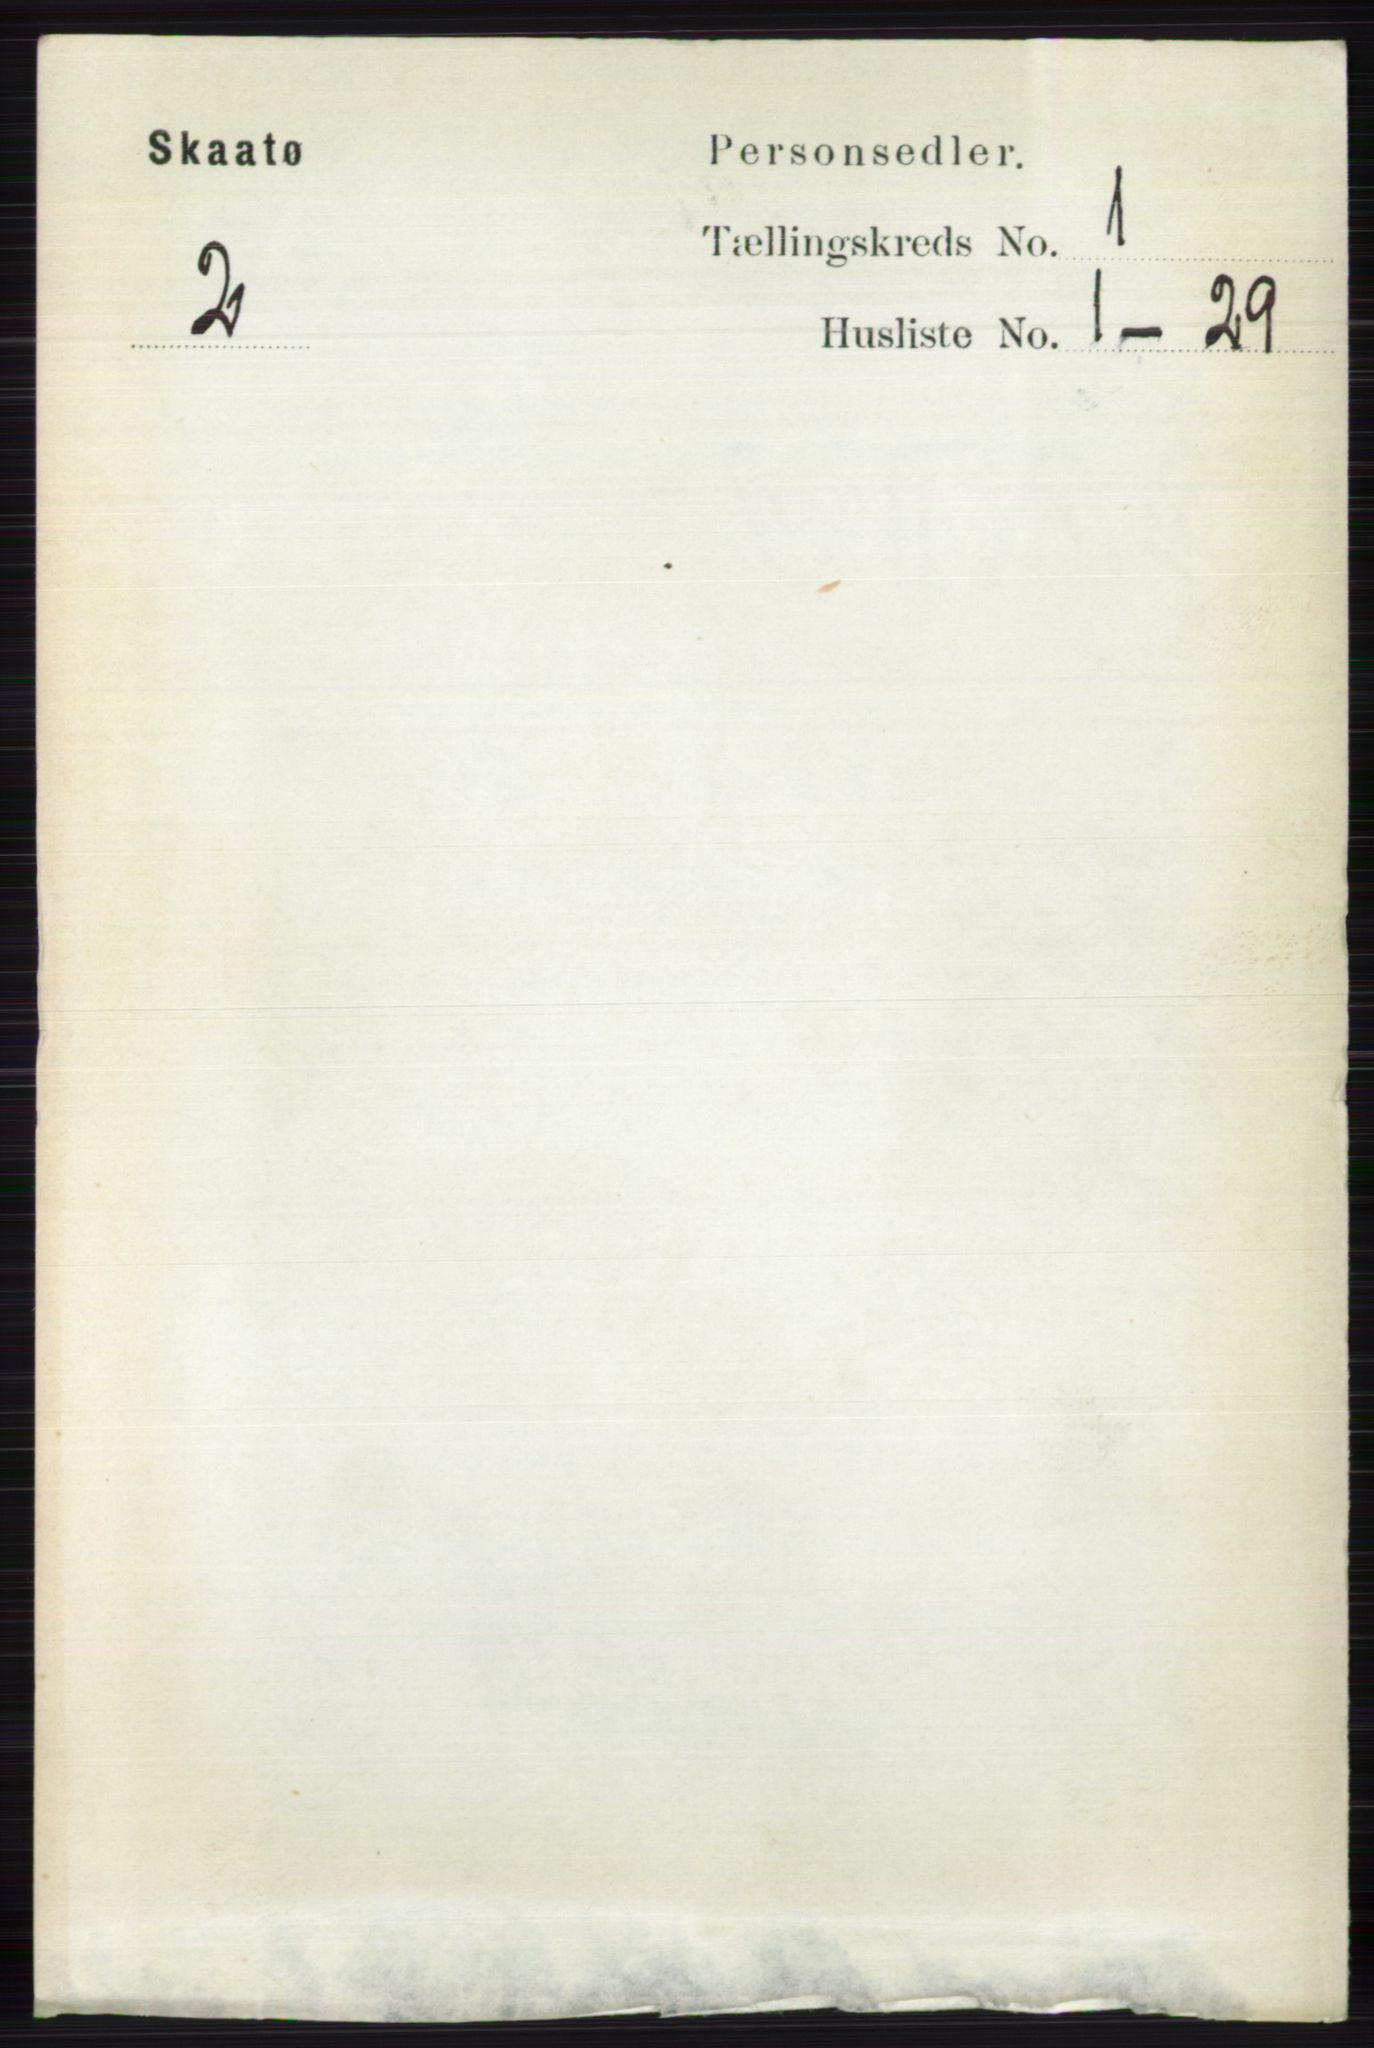 RA, Folketelling 1891 for 0815 Skåtøy herred, 1891, s. 91